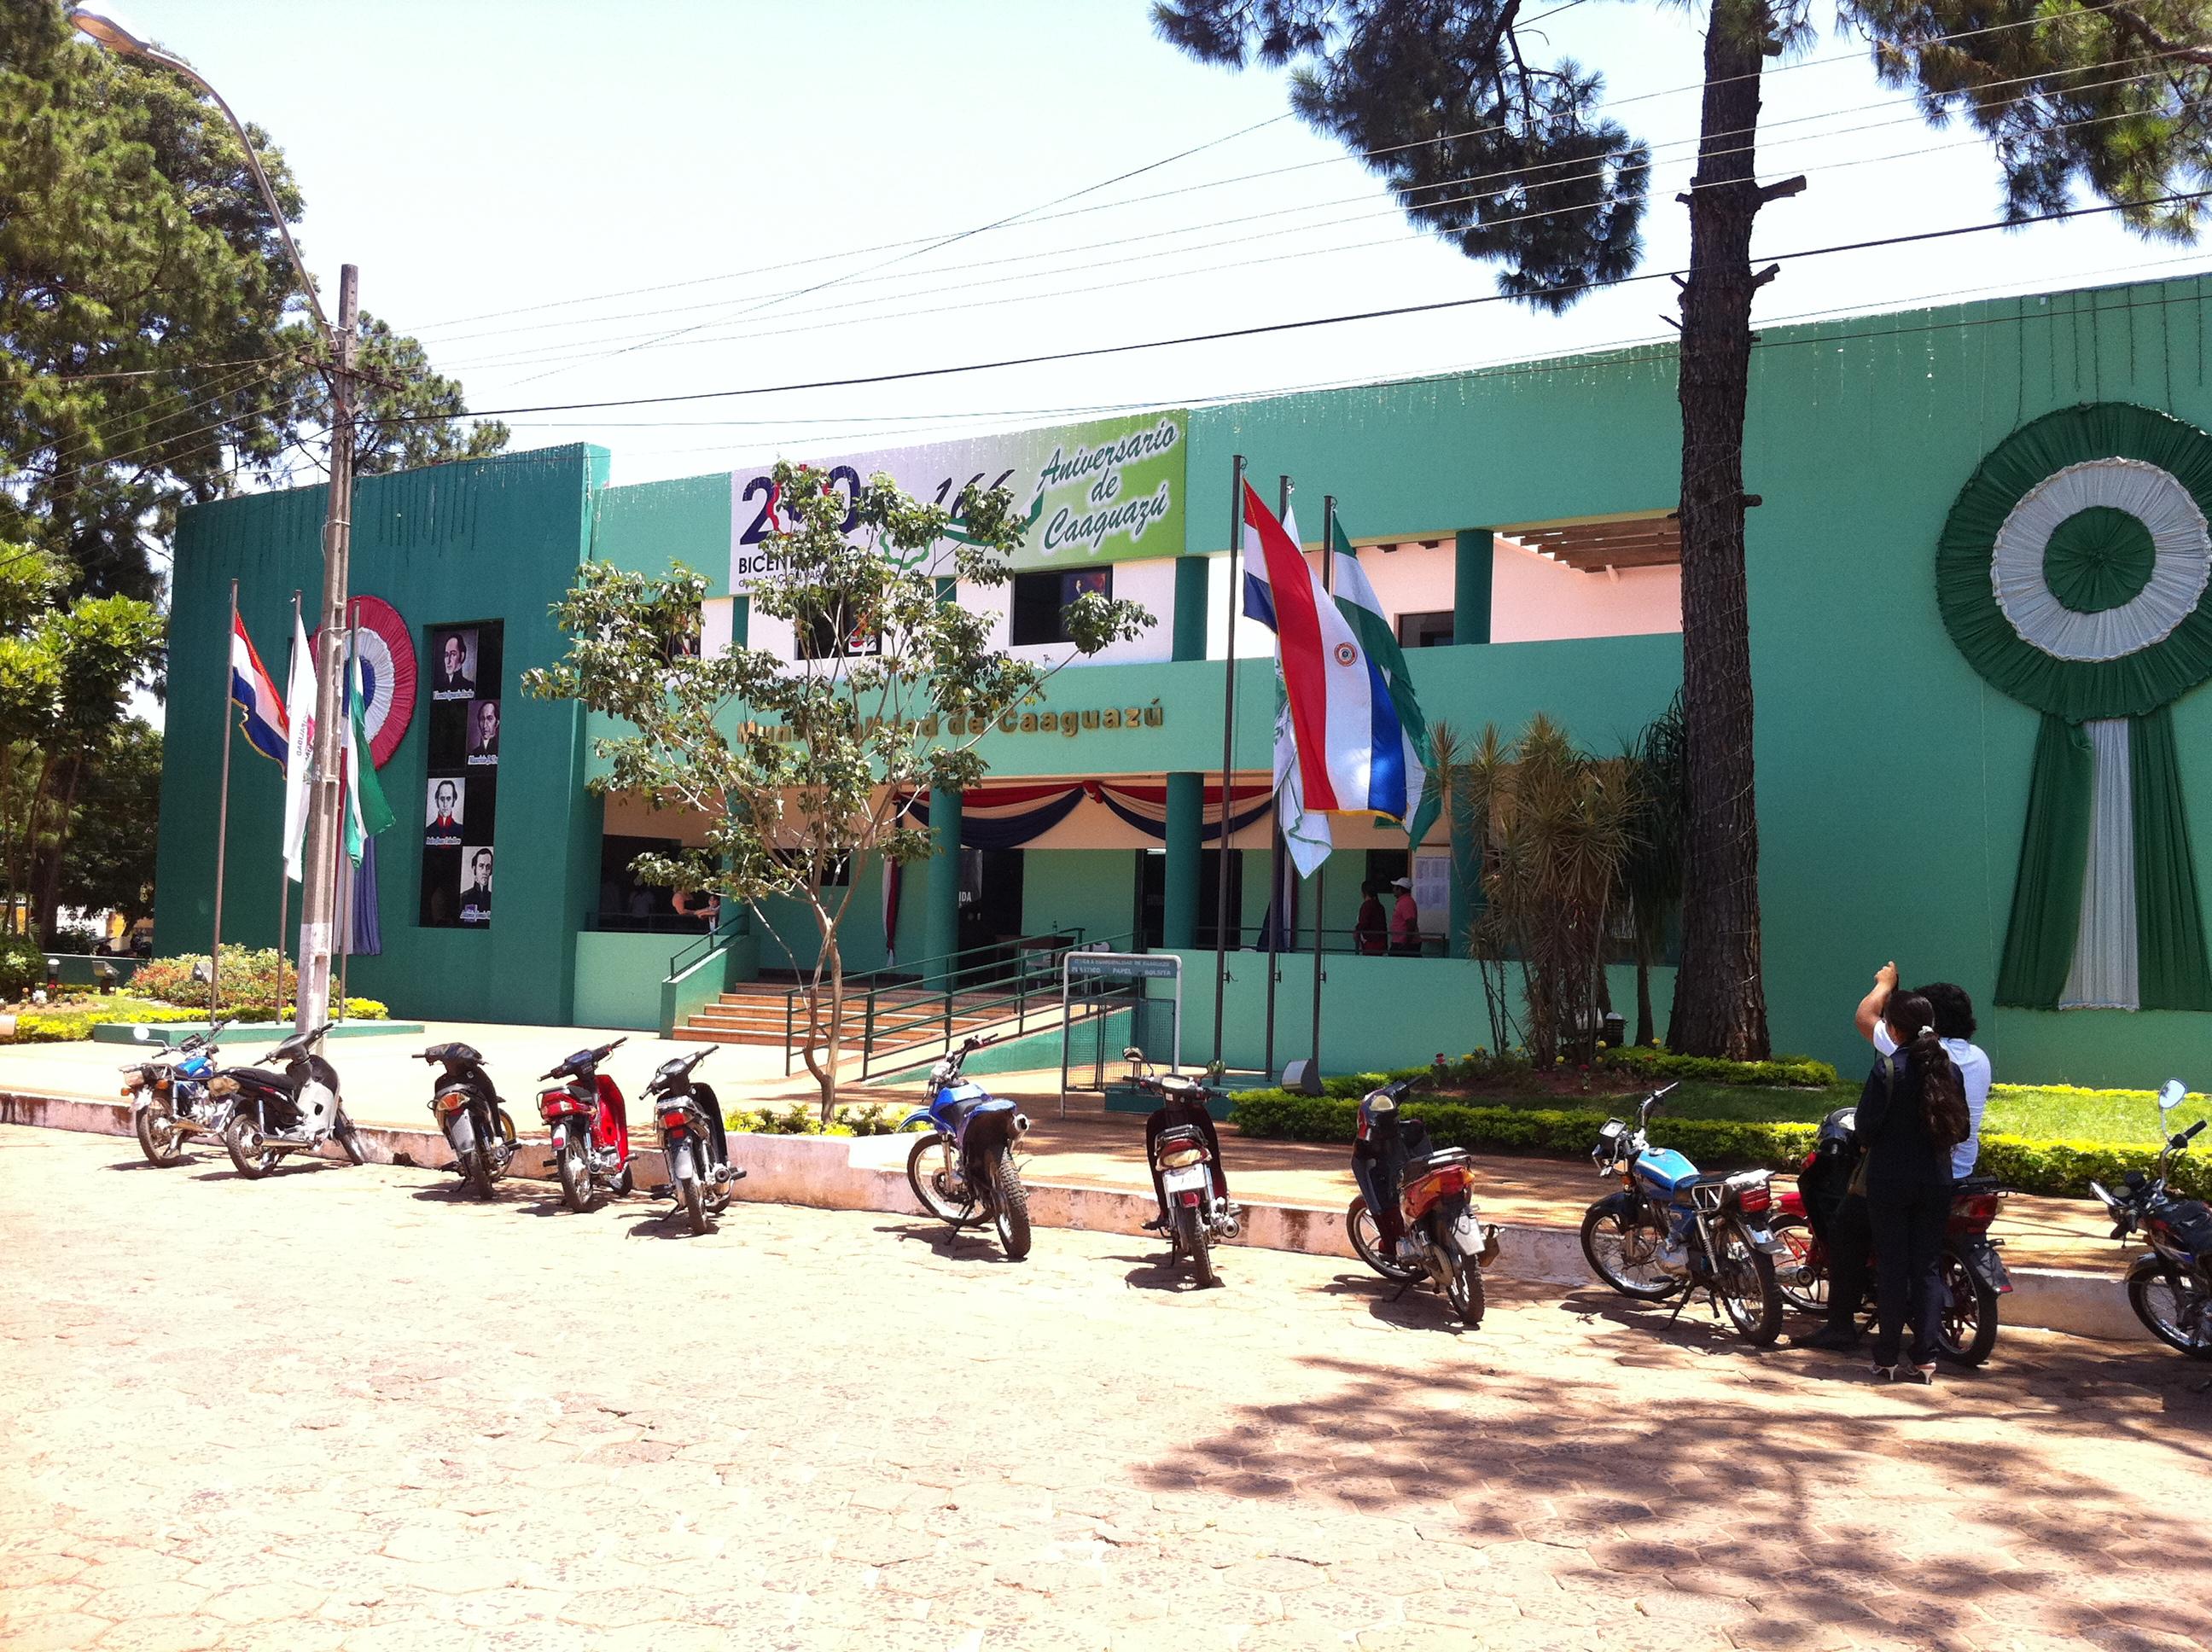 SEAM solicita informes a municipios de Caaguazú y Guairá sobre actividades en proceso de sumario